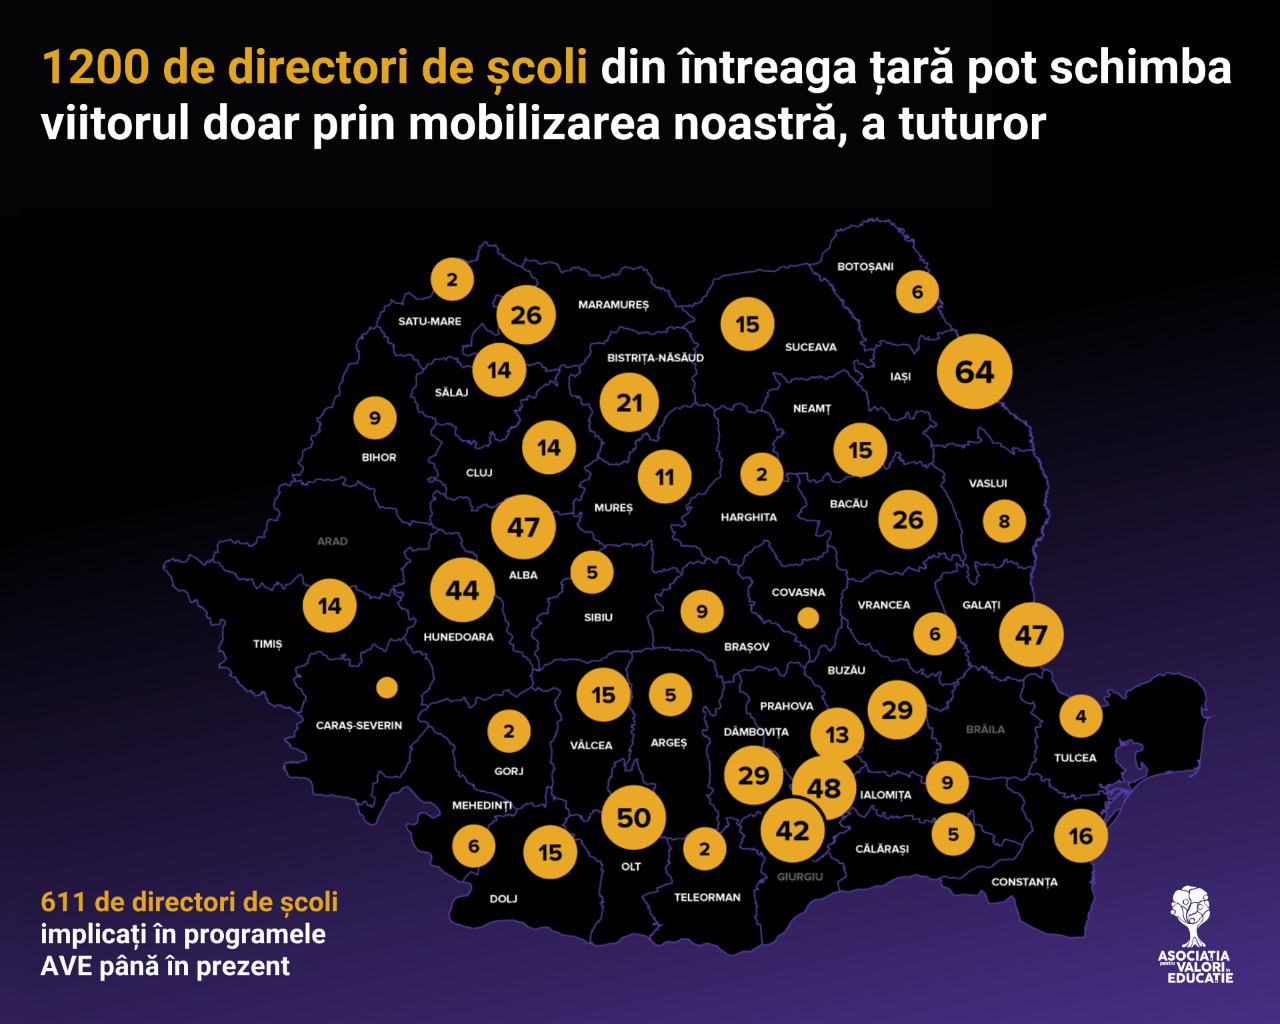 350 de lideri din business s-au mobilizat în premieră online pentru a moderniza educația din România